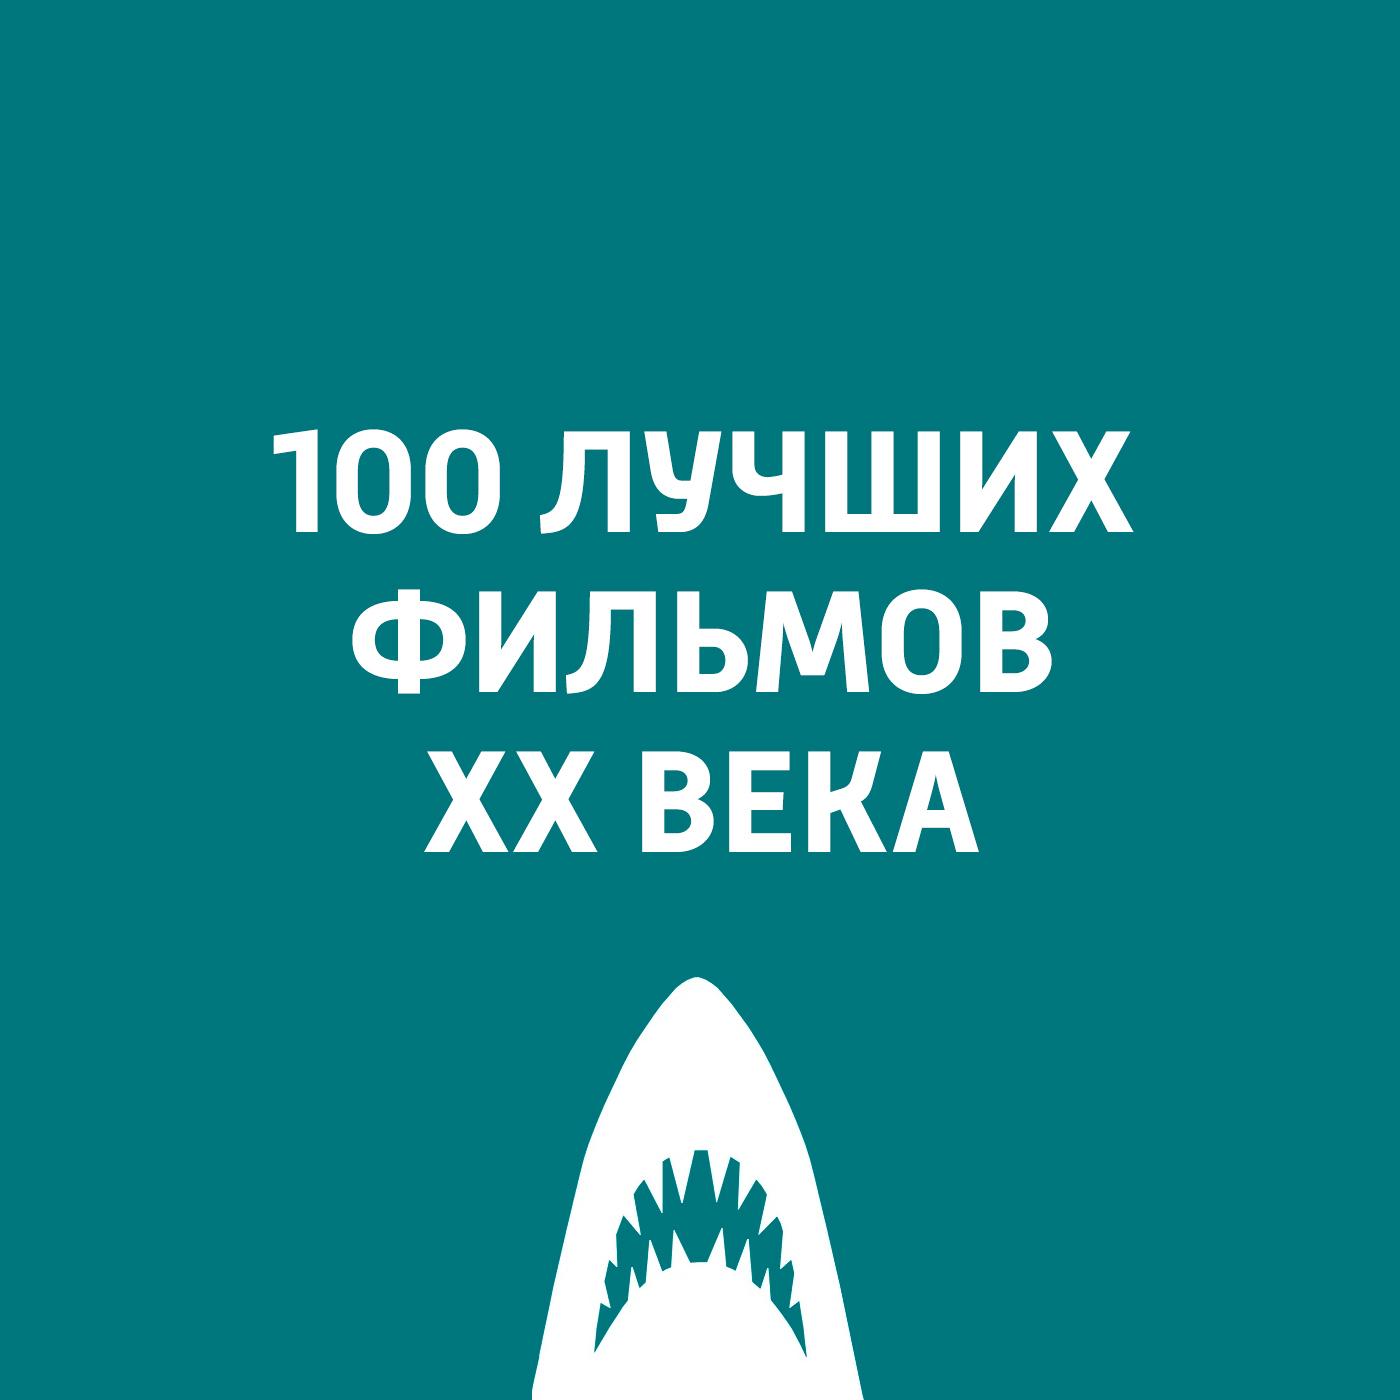 Антон Долин Секс, ложь и видео видео фильм крым